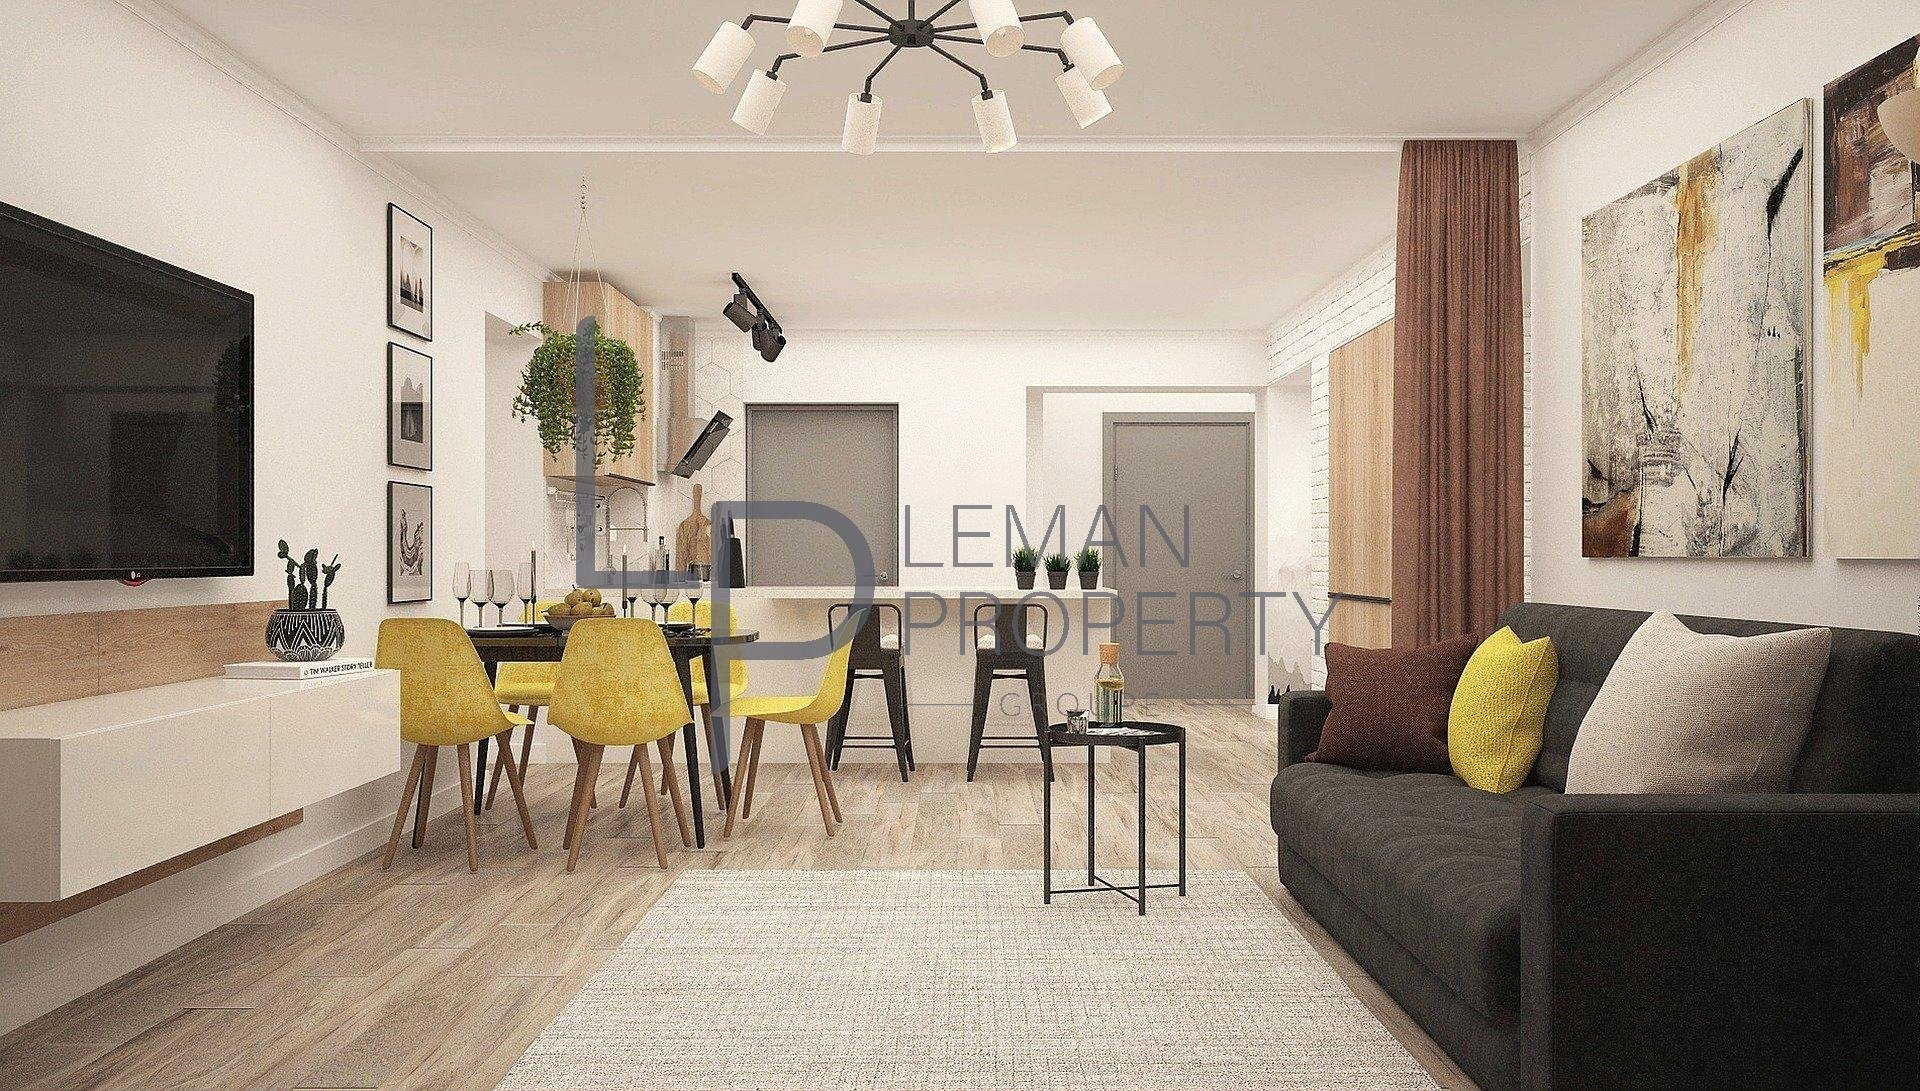 Vente de appartement à Annemasse au prix de 416000€